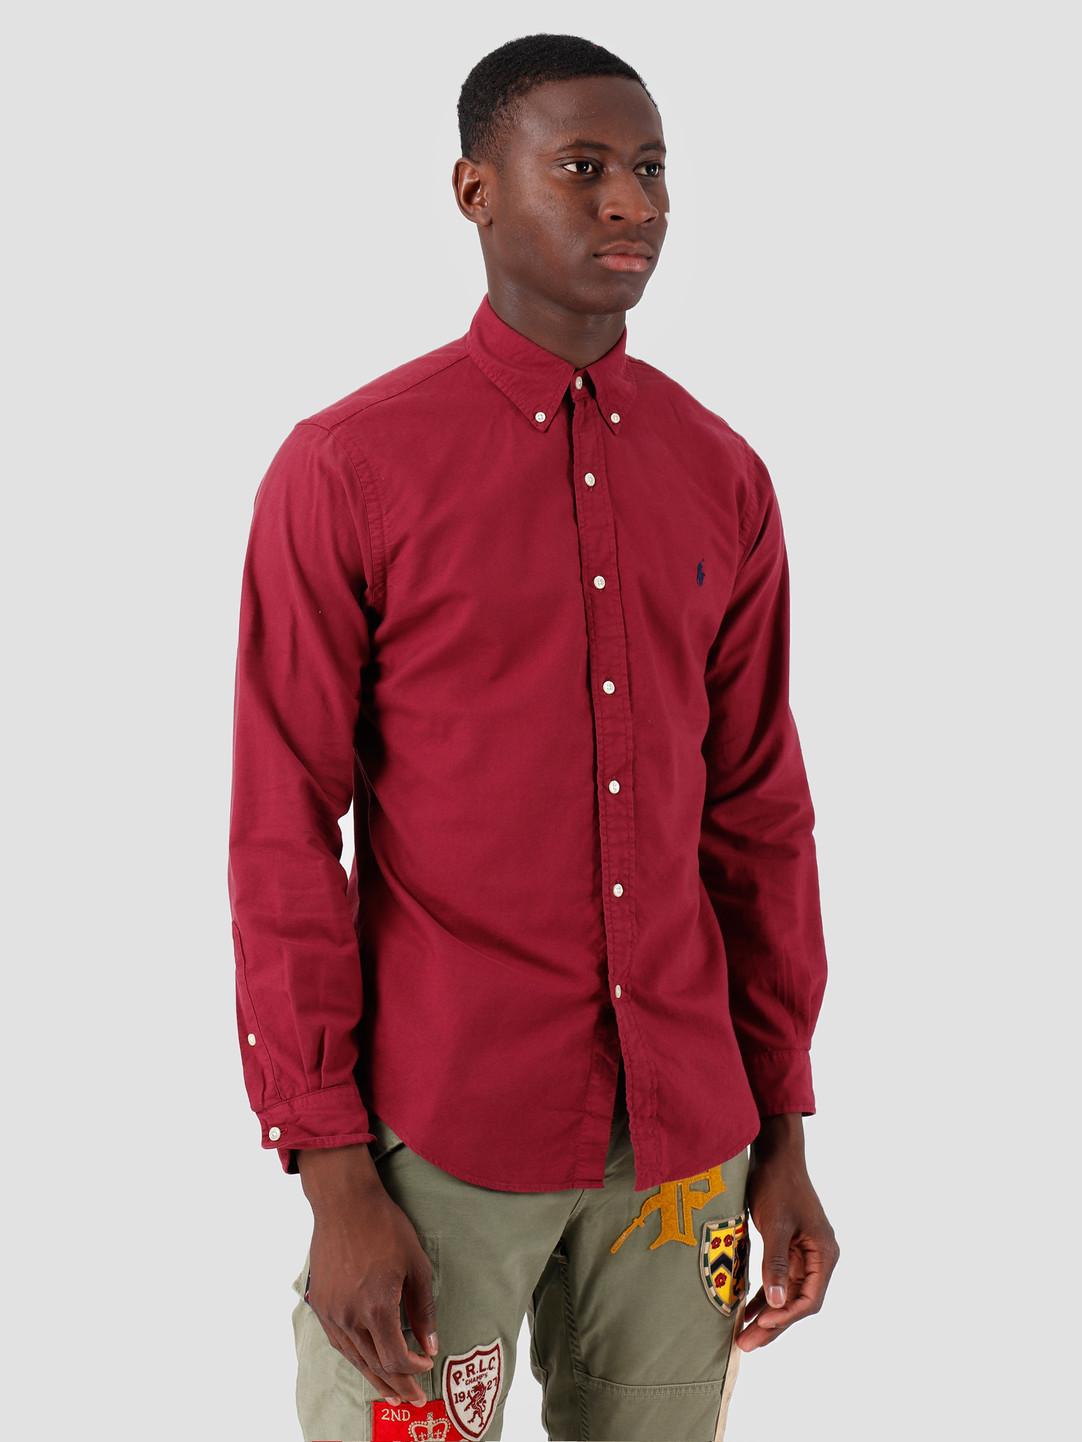 Polo Ralph Lauren Polo Ralph Lauren Oxford Longsleeve Sport Shirt Red 710758082004